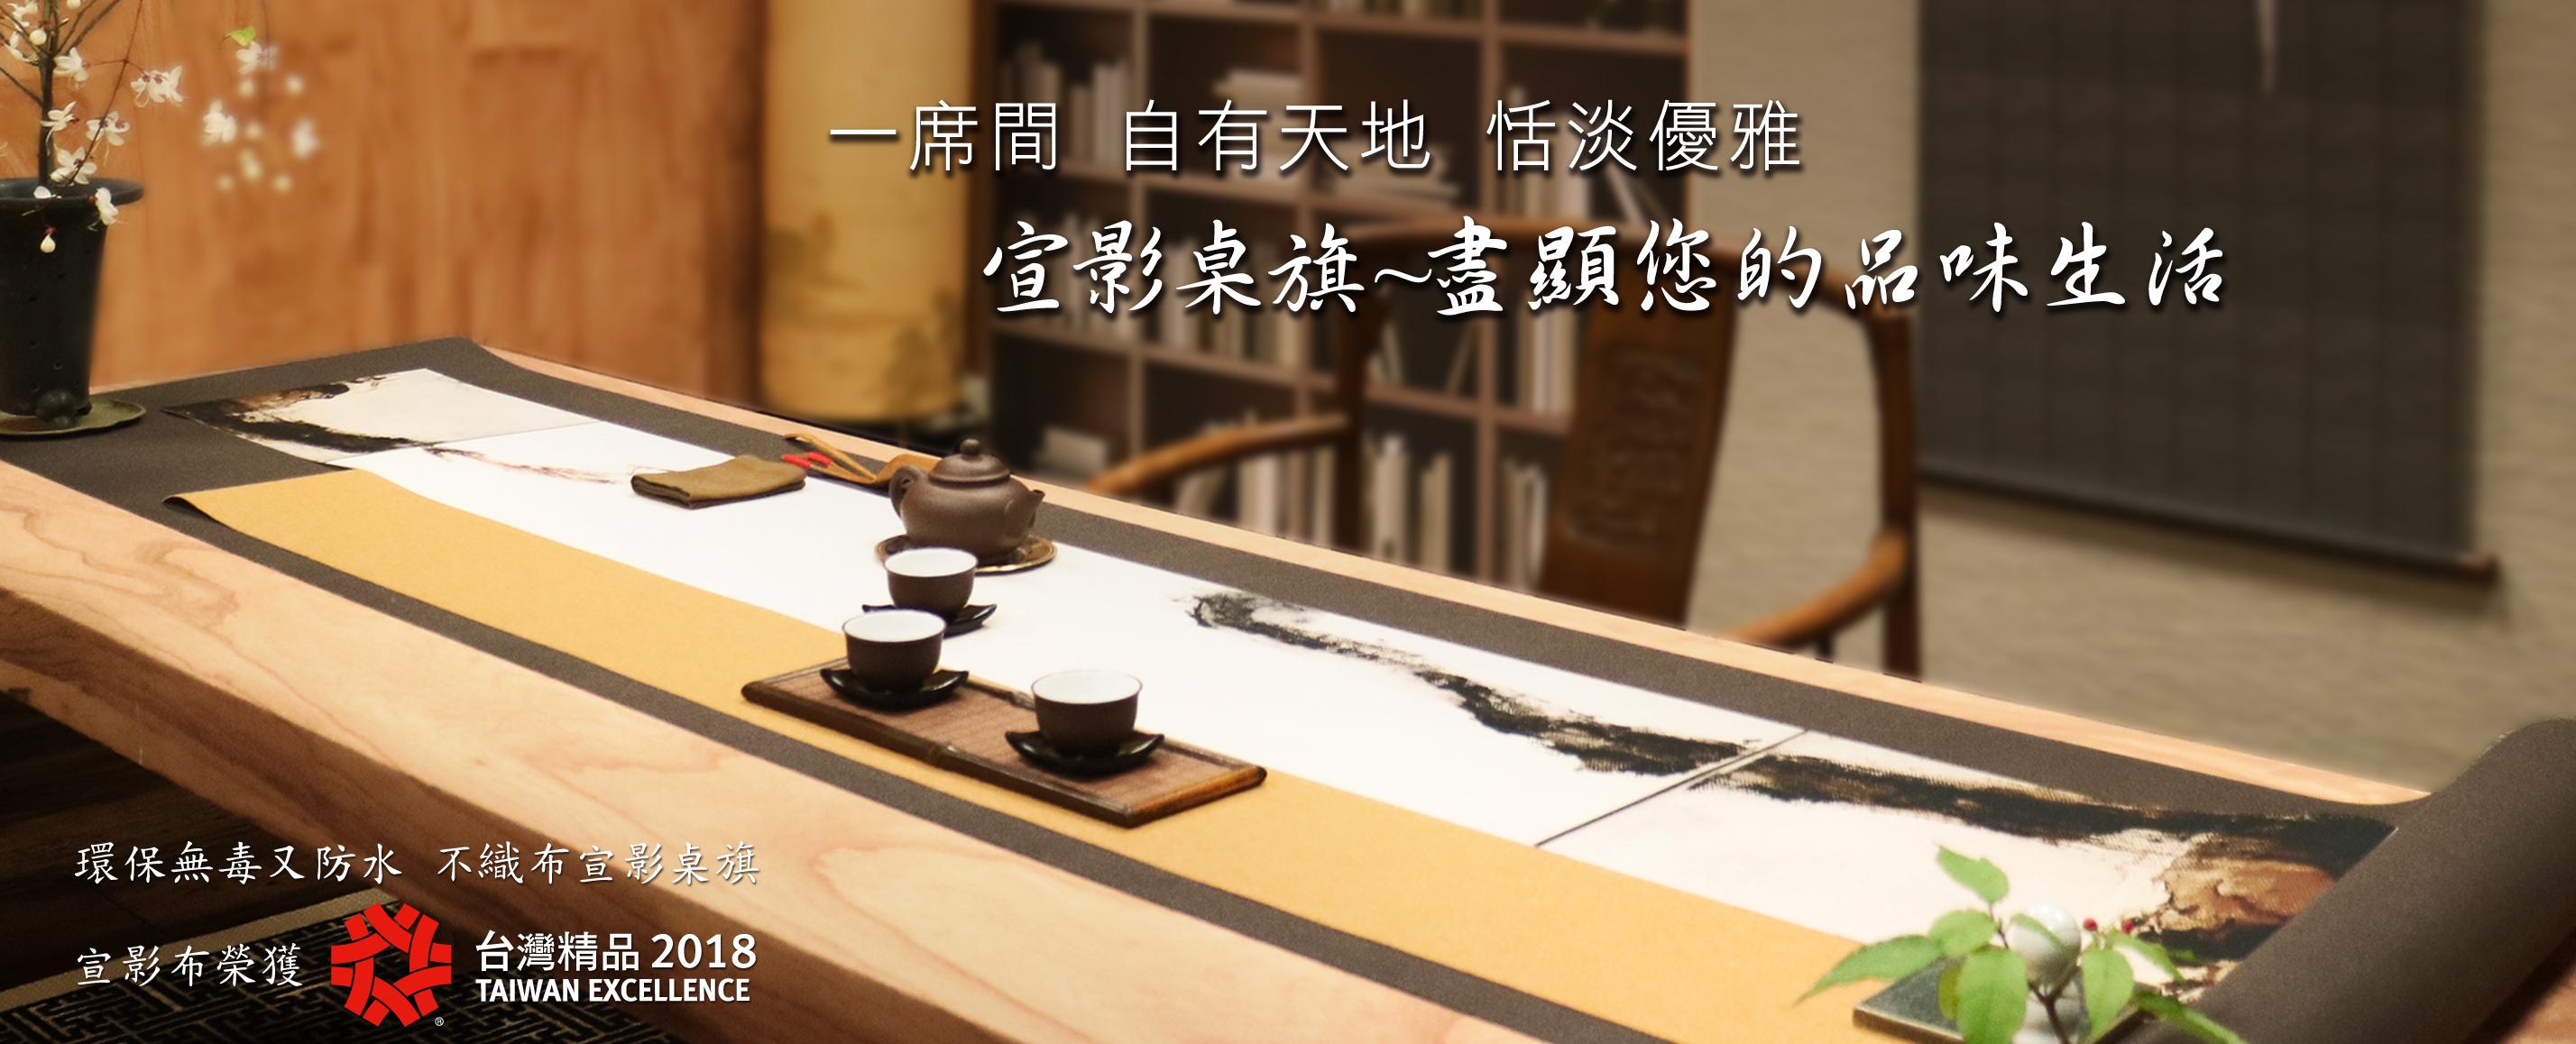 宣影布桌旗桌巾桌布